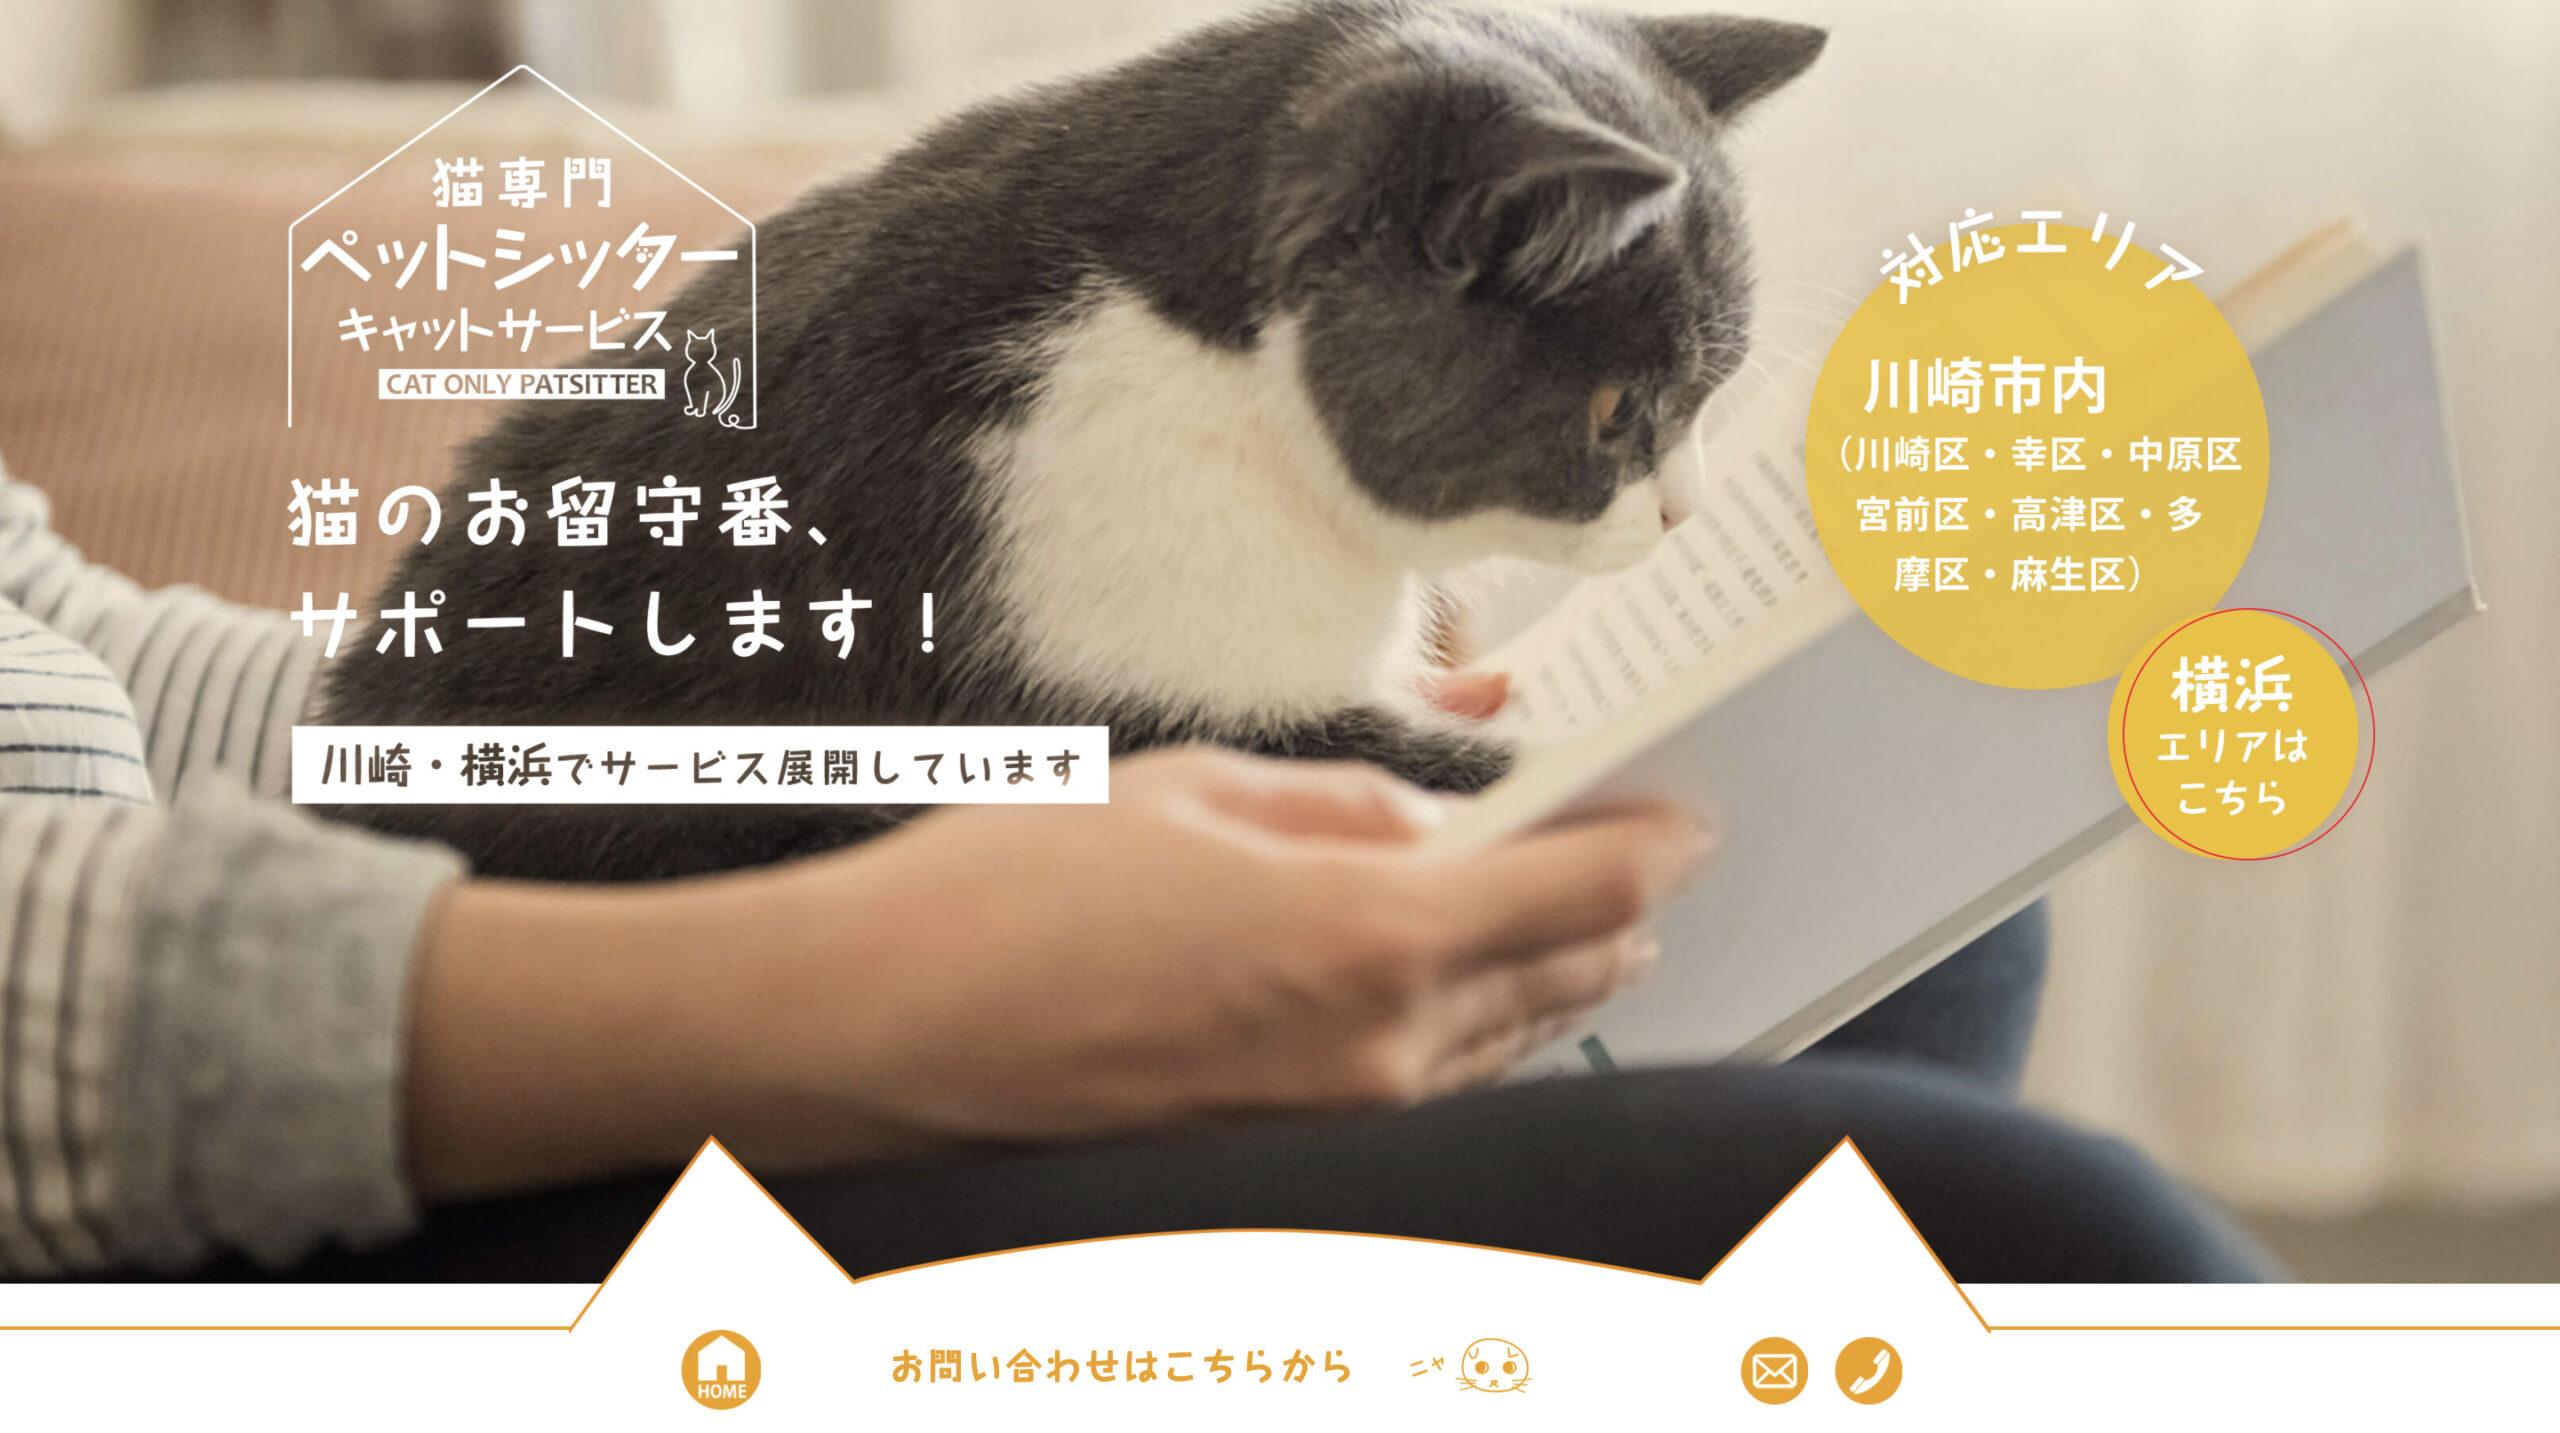 キャットサービス-横浜川崎のペットシッター